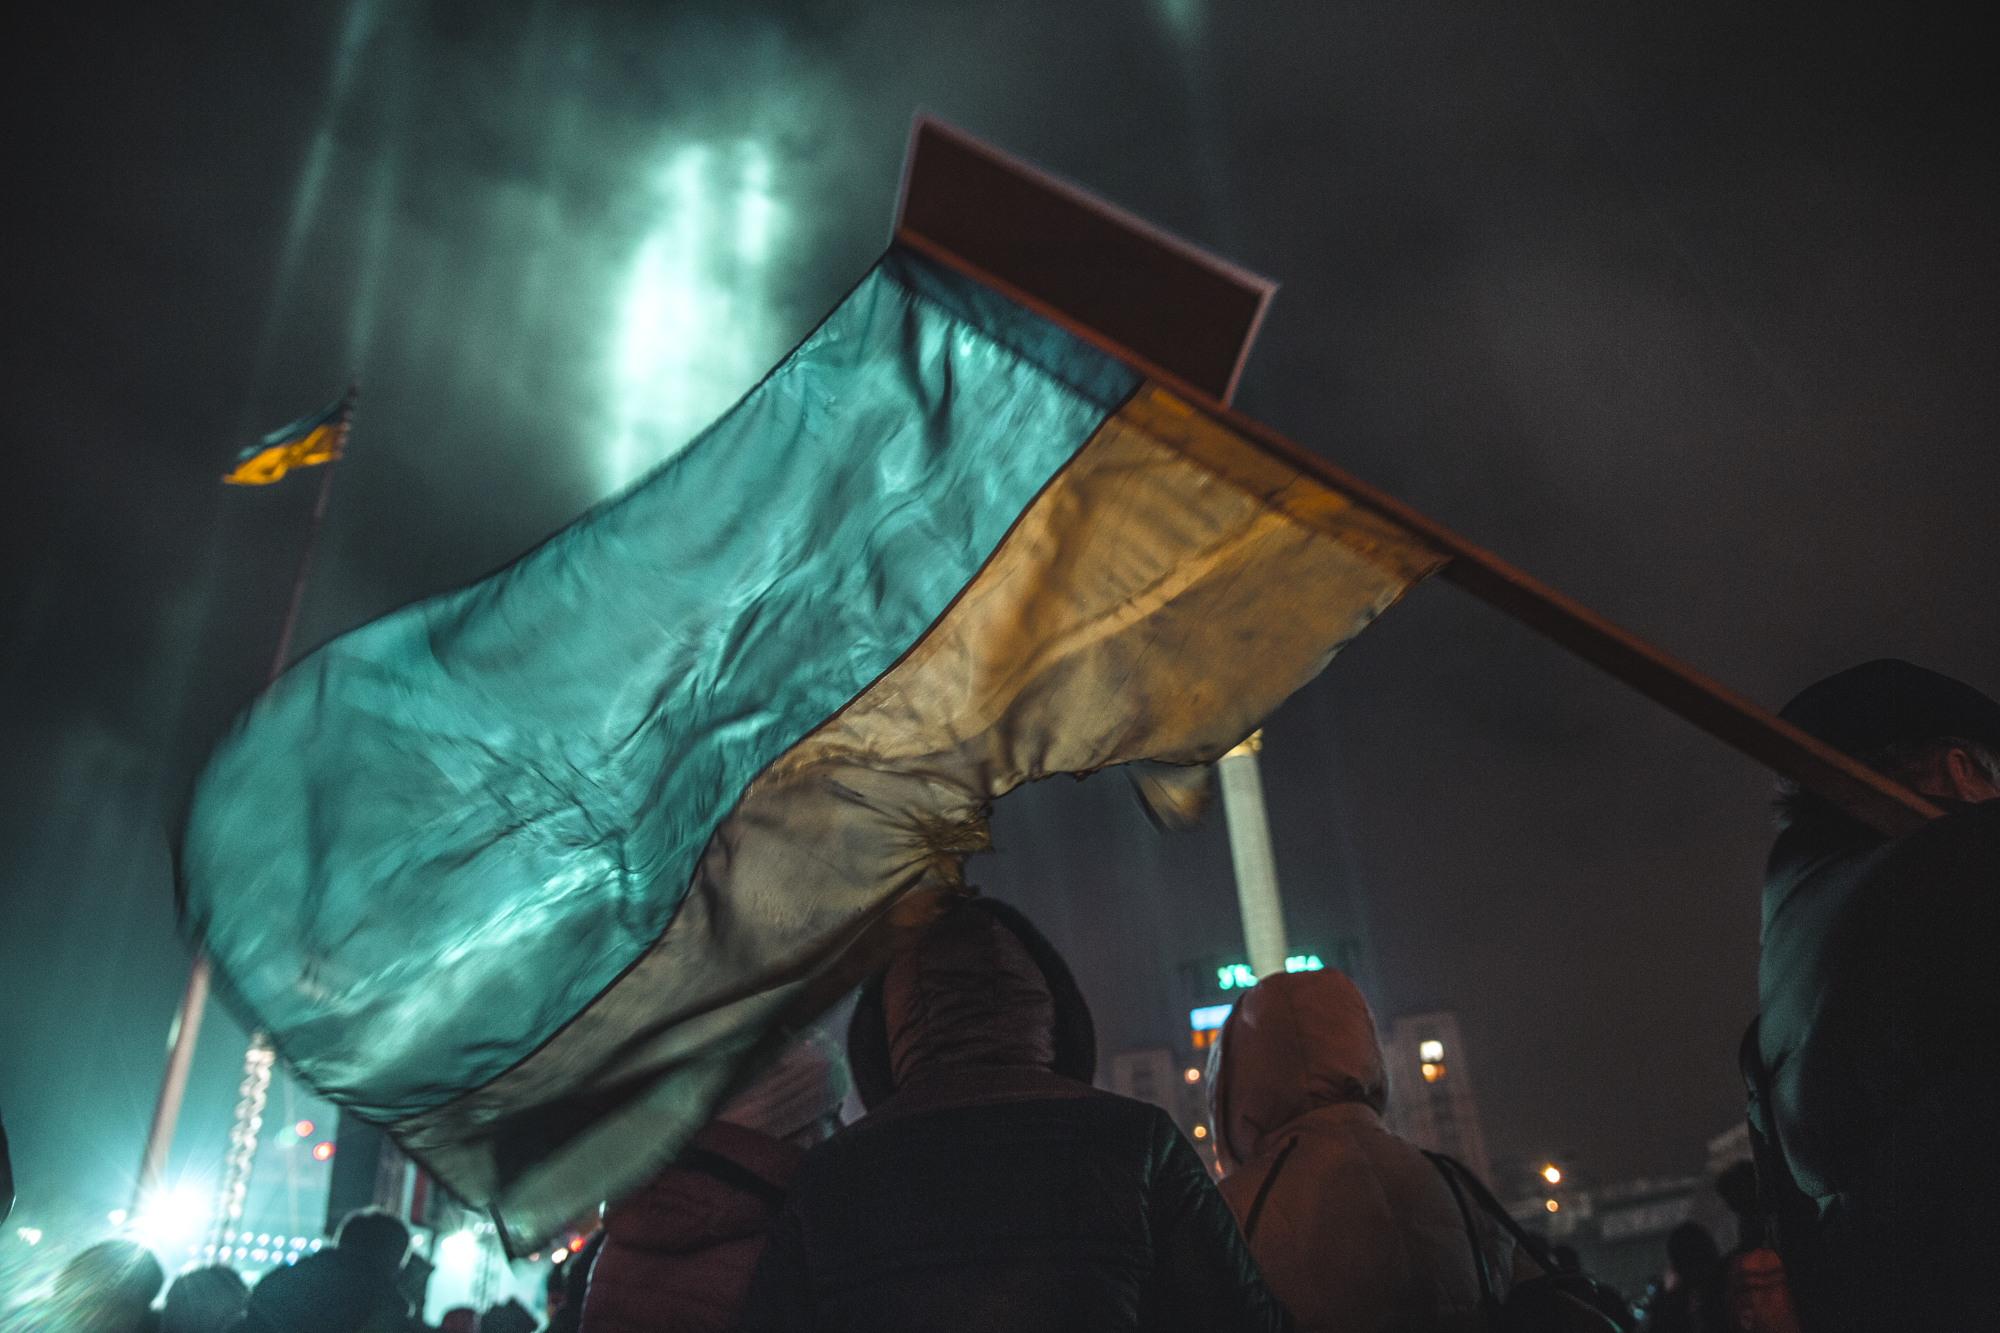 © Sam Asaert - Ukrainian Flag at Maidan 2015